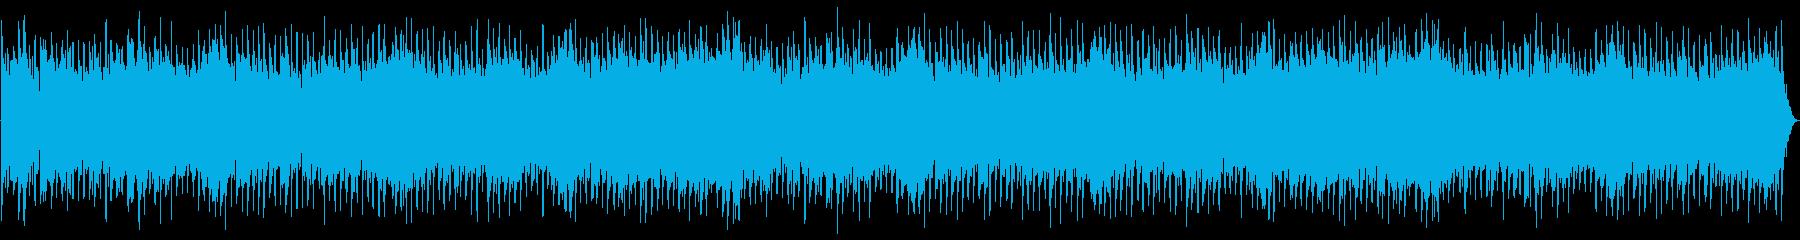 高騰する弦楽器のメロディ、グロック...の再生済みの波形